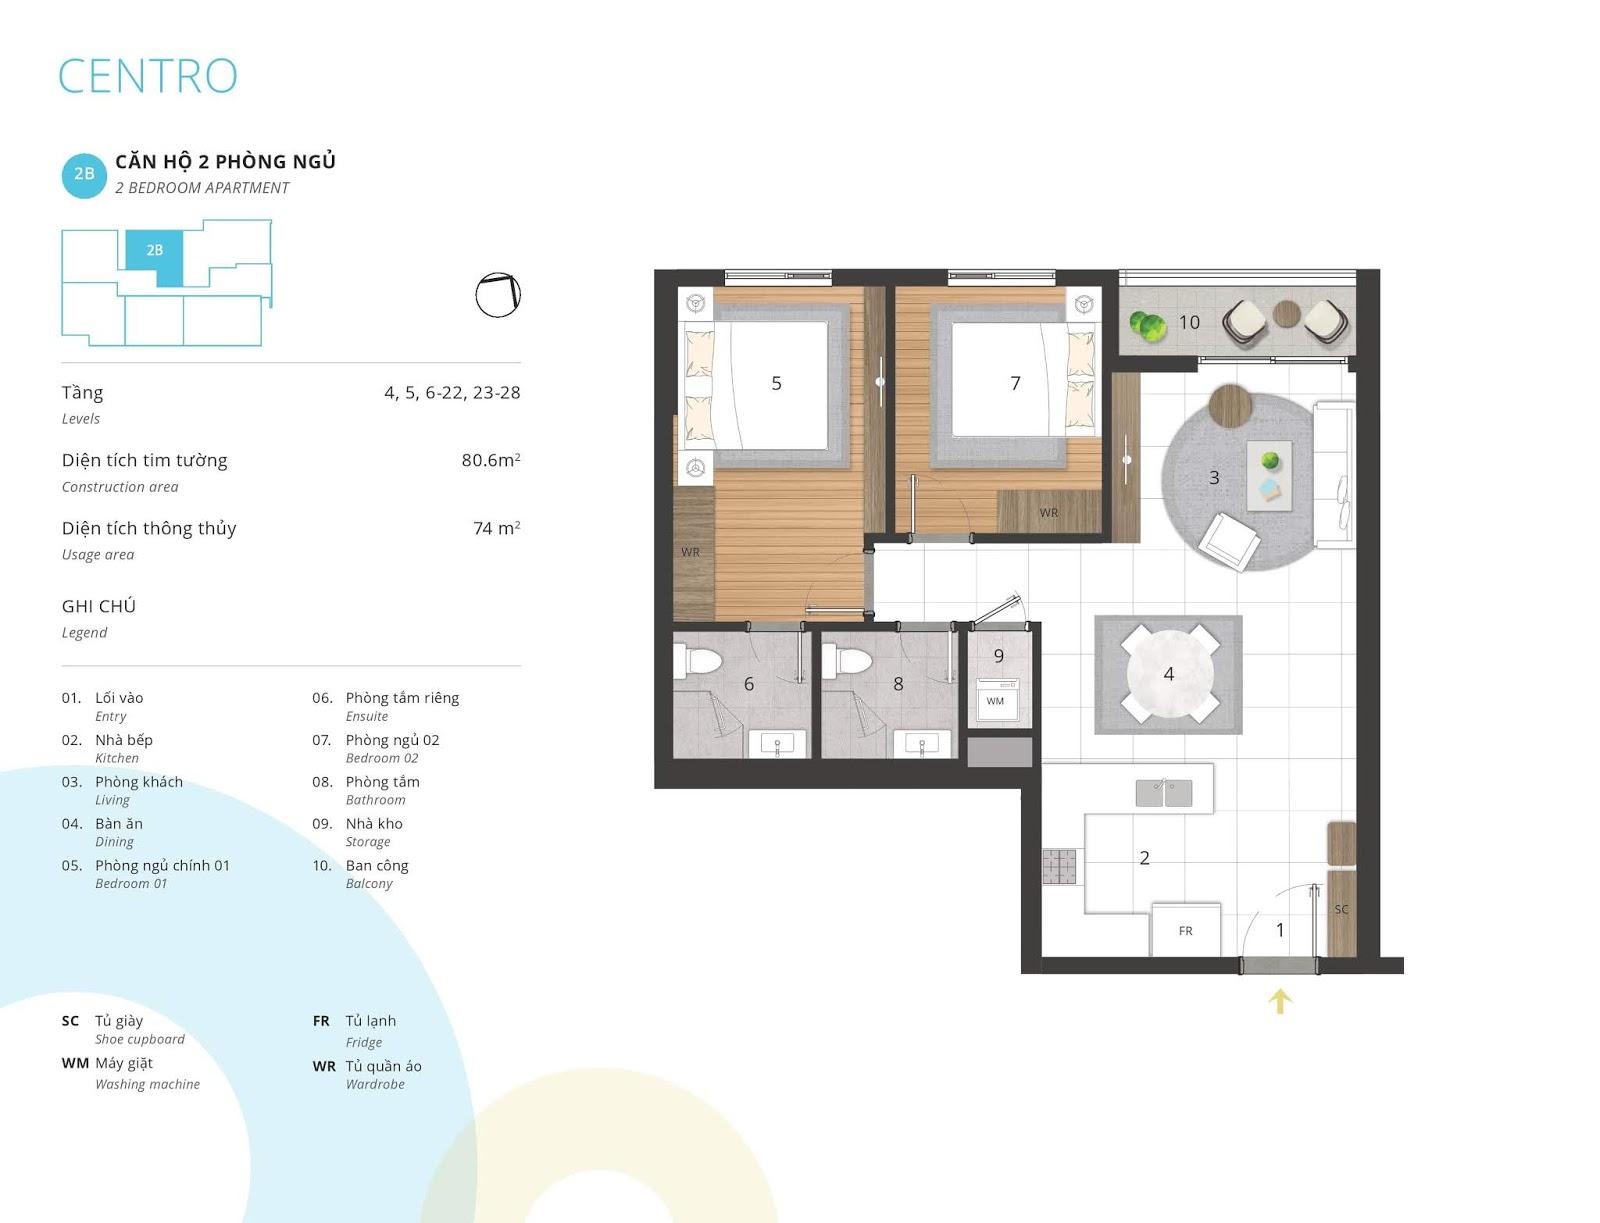 Mặt bằng căn hộ 2 phòng ngủ 74 m2 thông thủy tòa CENTRO